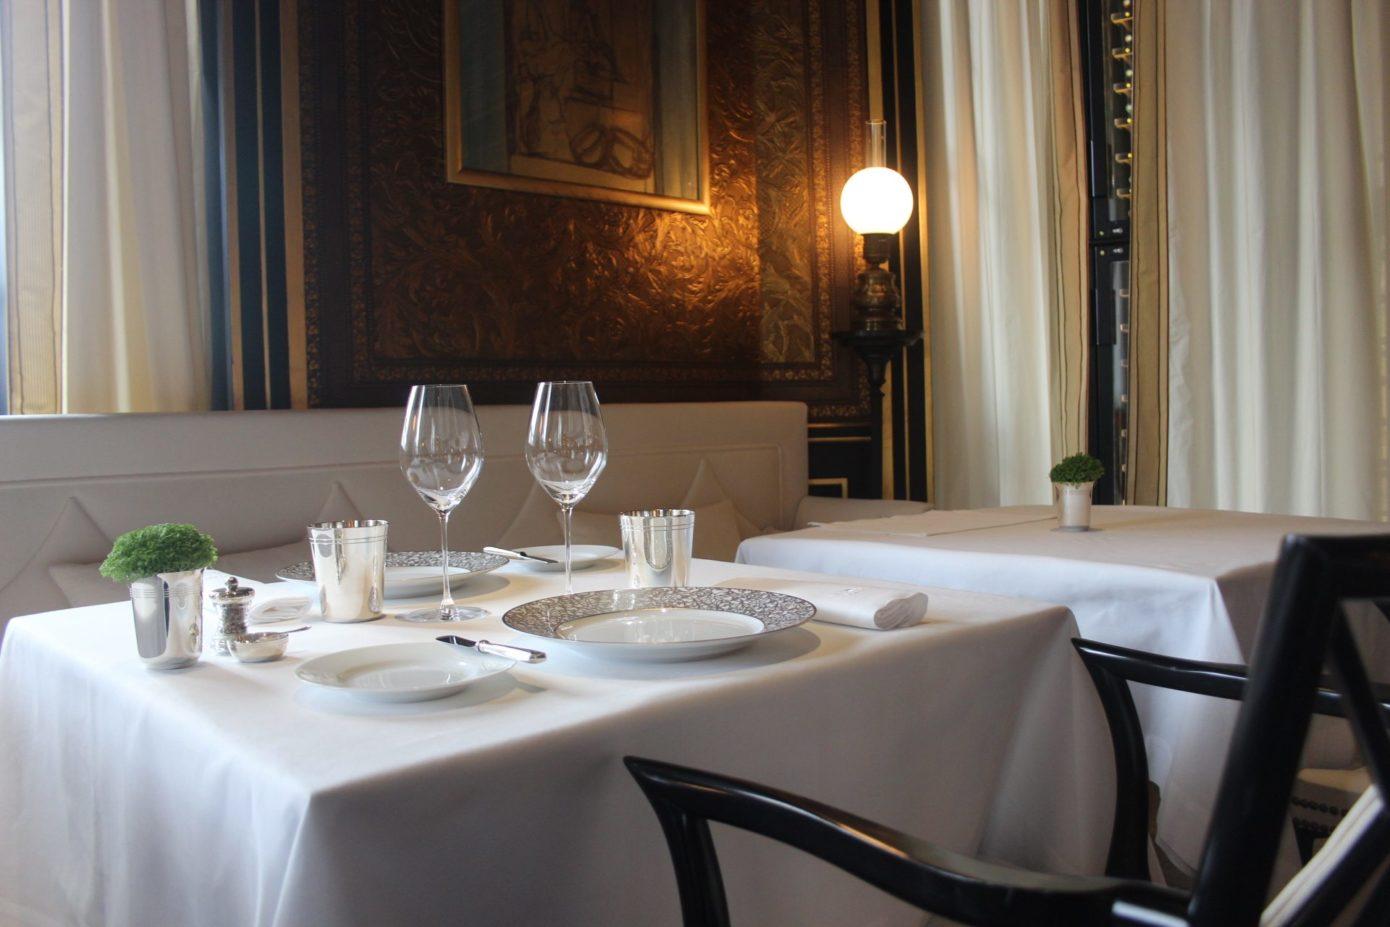 Hotel Gabriel Paris Luxury Dining In Paris La Racserve Hotel Spa Paris Hotel Gabriel